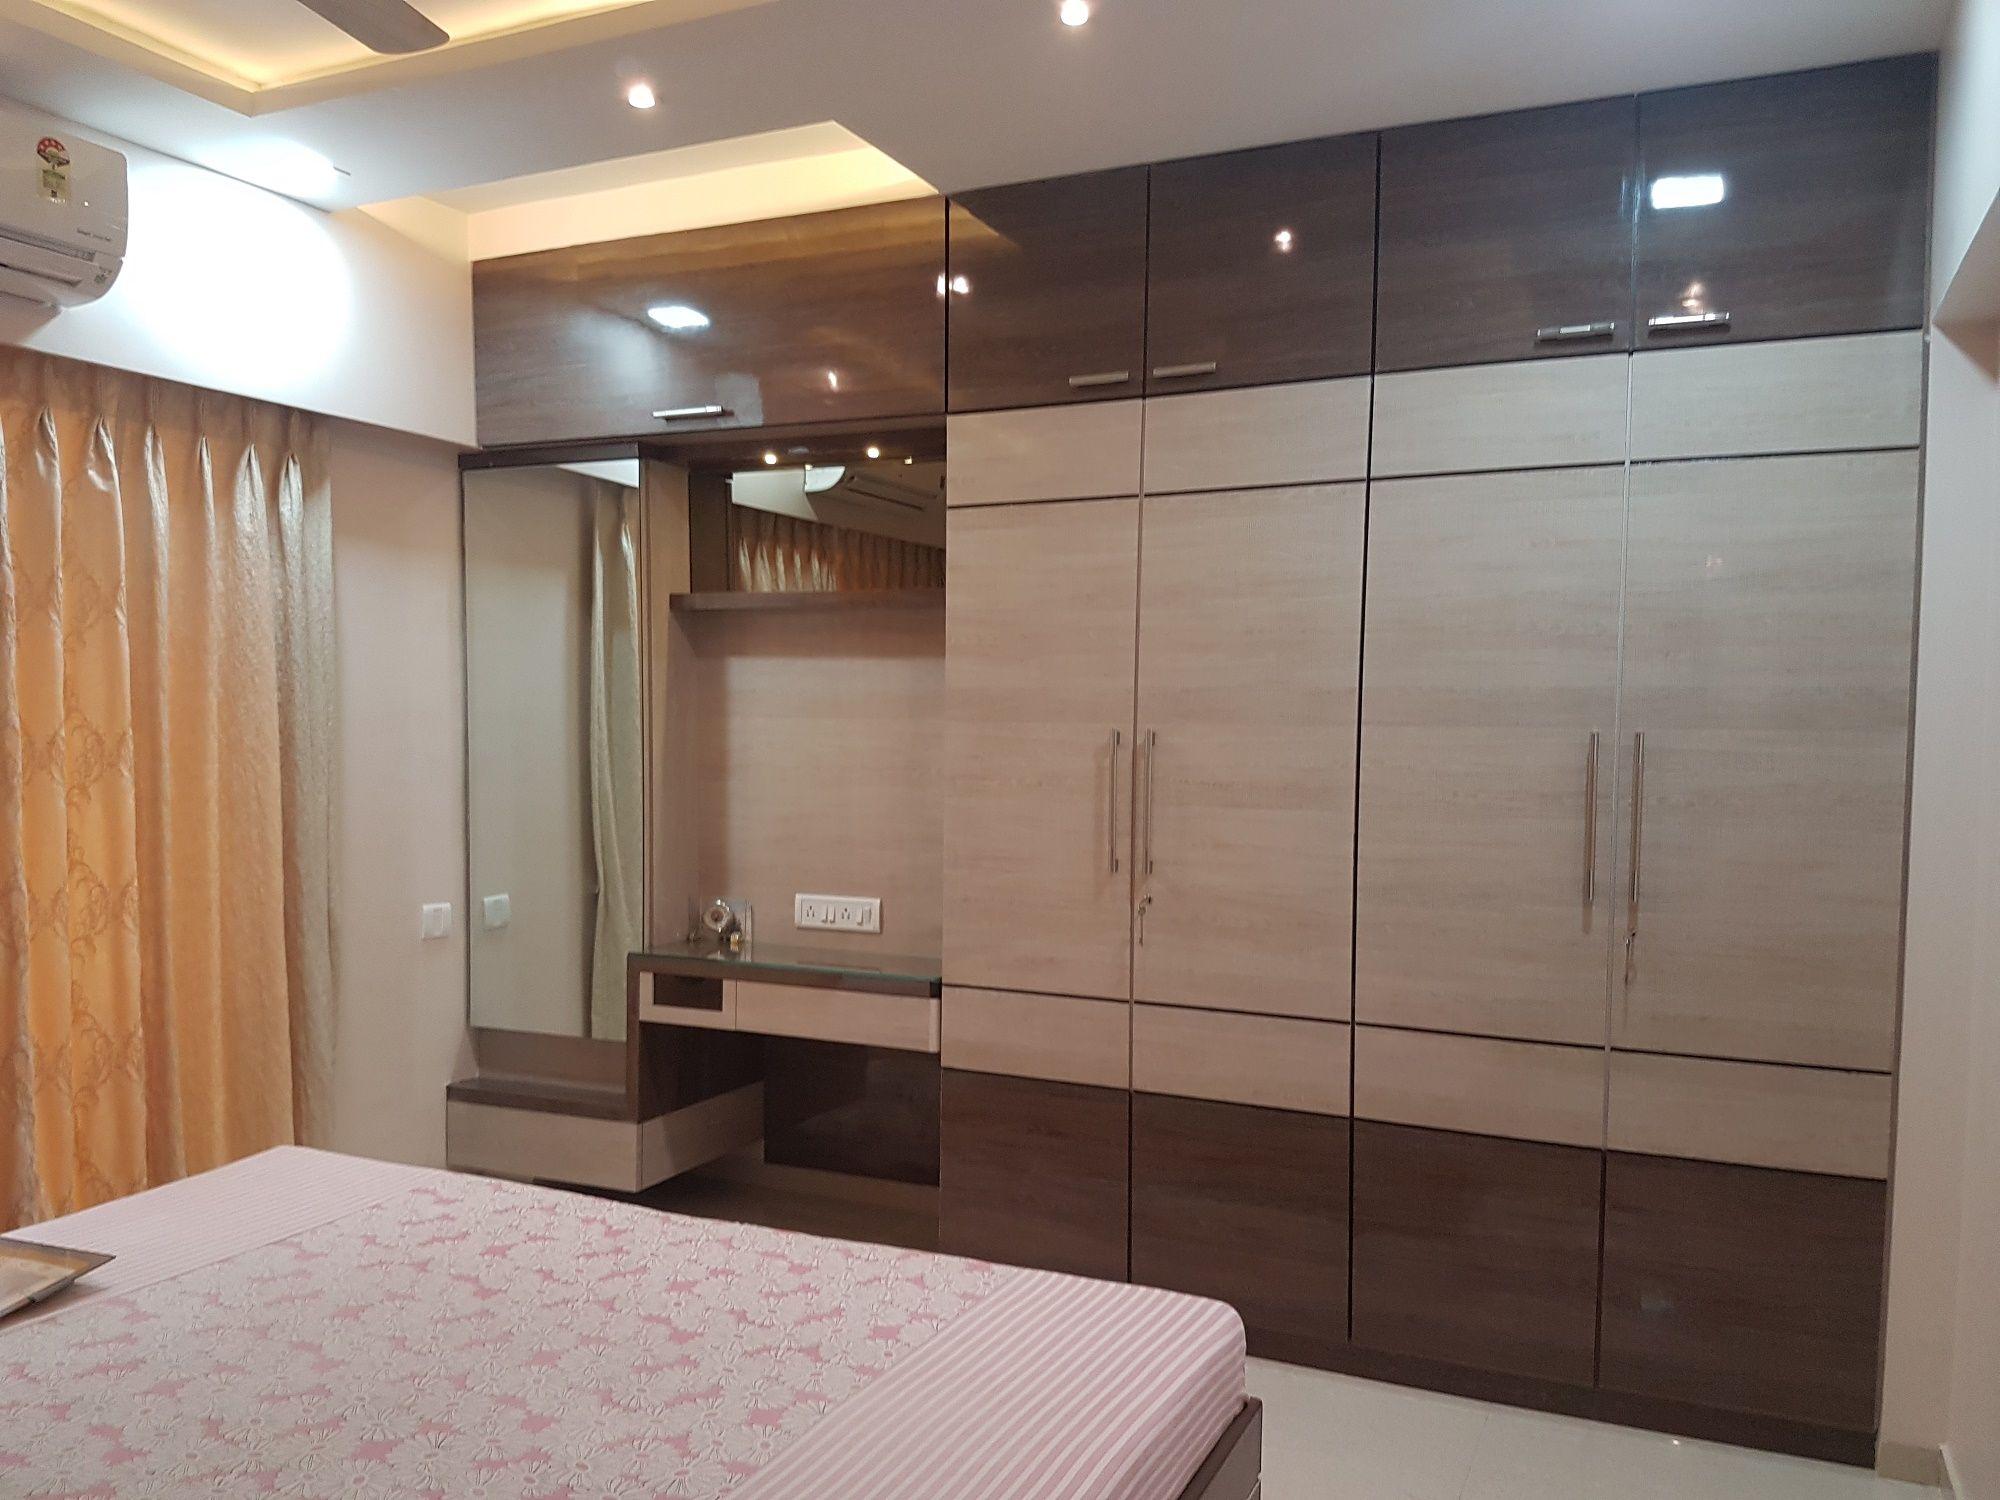 Wardrobe Design For Bedroom Wardrobe Laminate Design Wardrobe Design Bedroom Bedroom Cupboard Designs